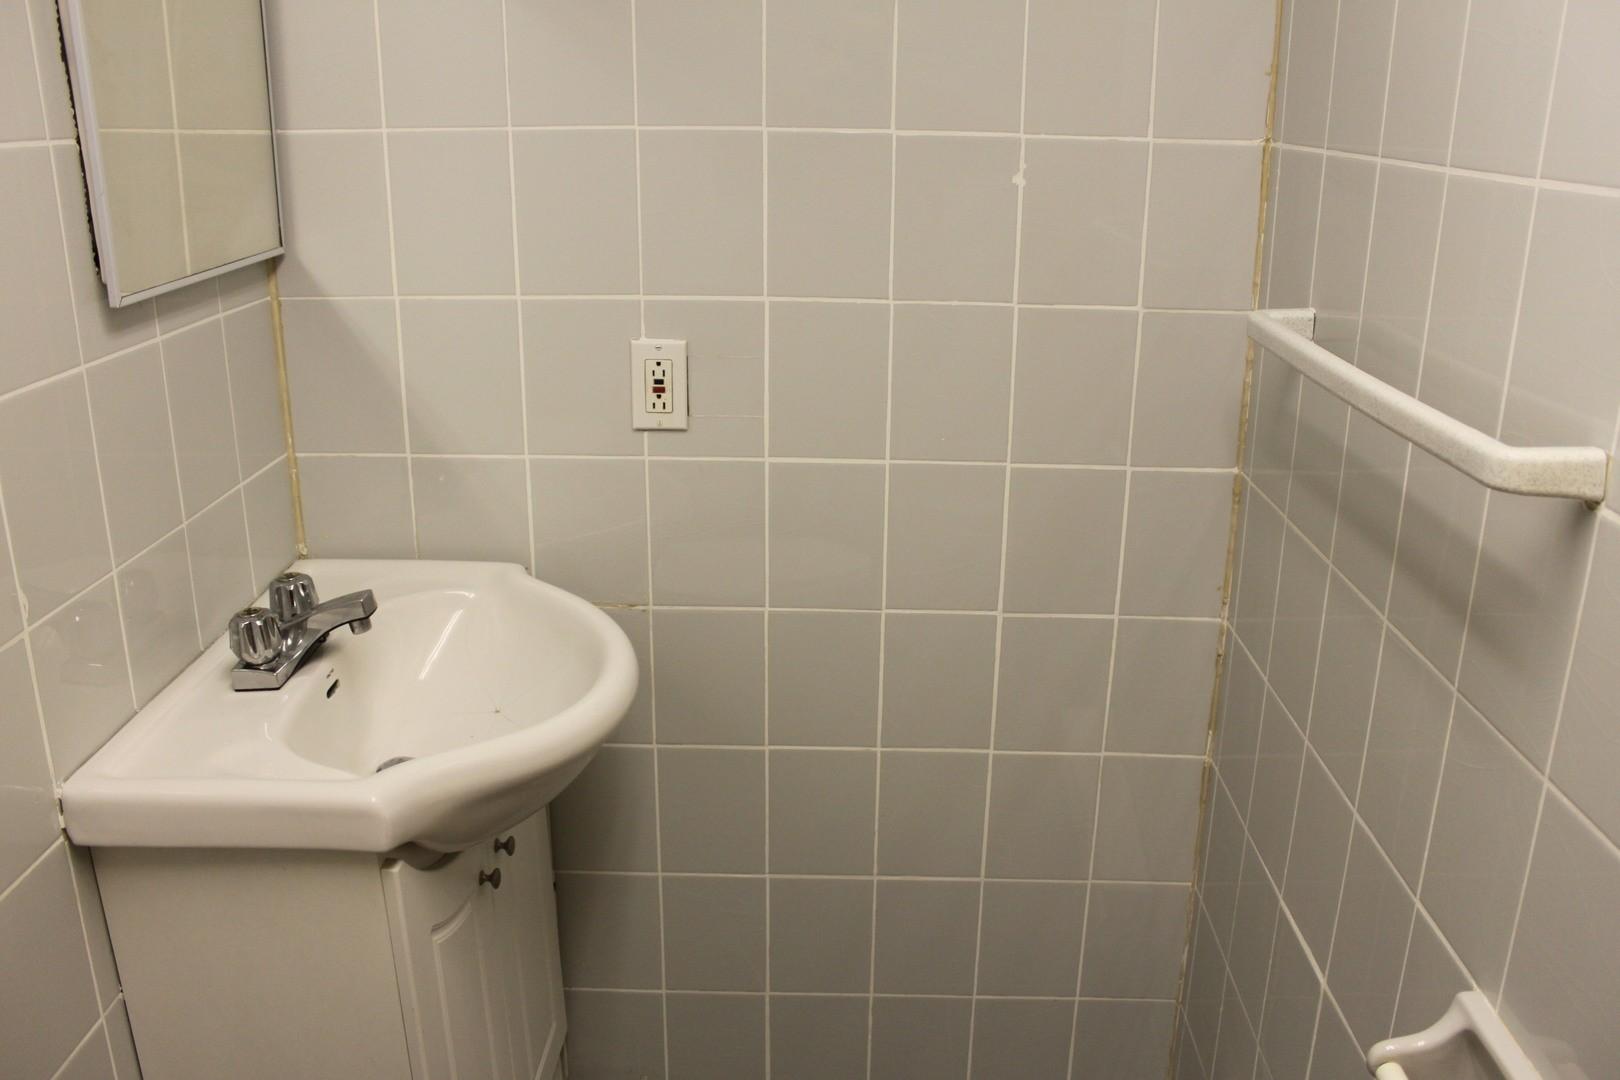 image 8 - Apartment - For rent - Montréal  (Tétreauville) - 2 rooms